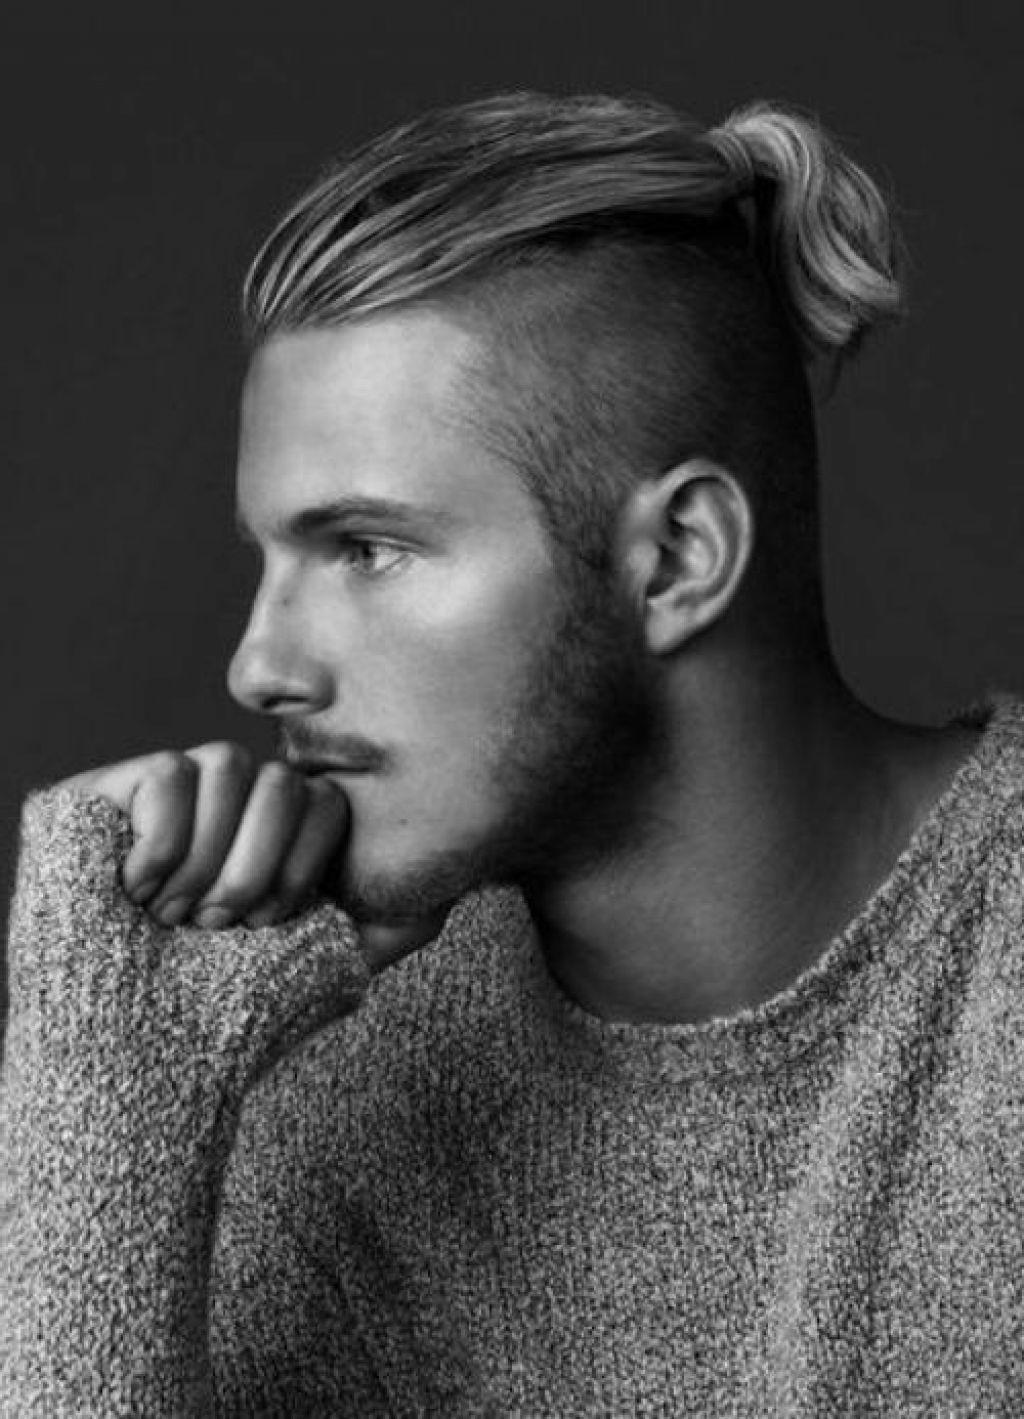 Модные мужские прически 2018. Как сделать прическу мужчине ...